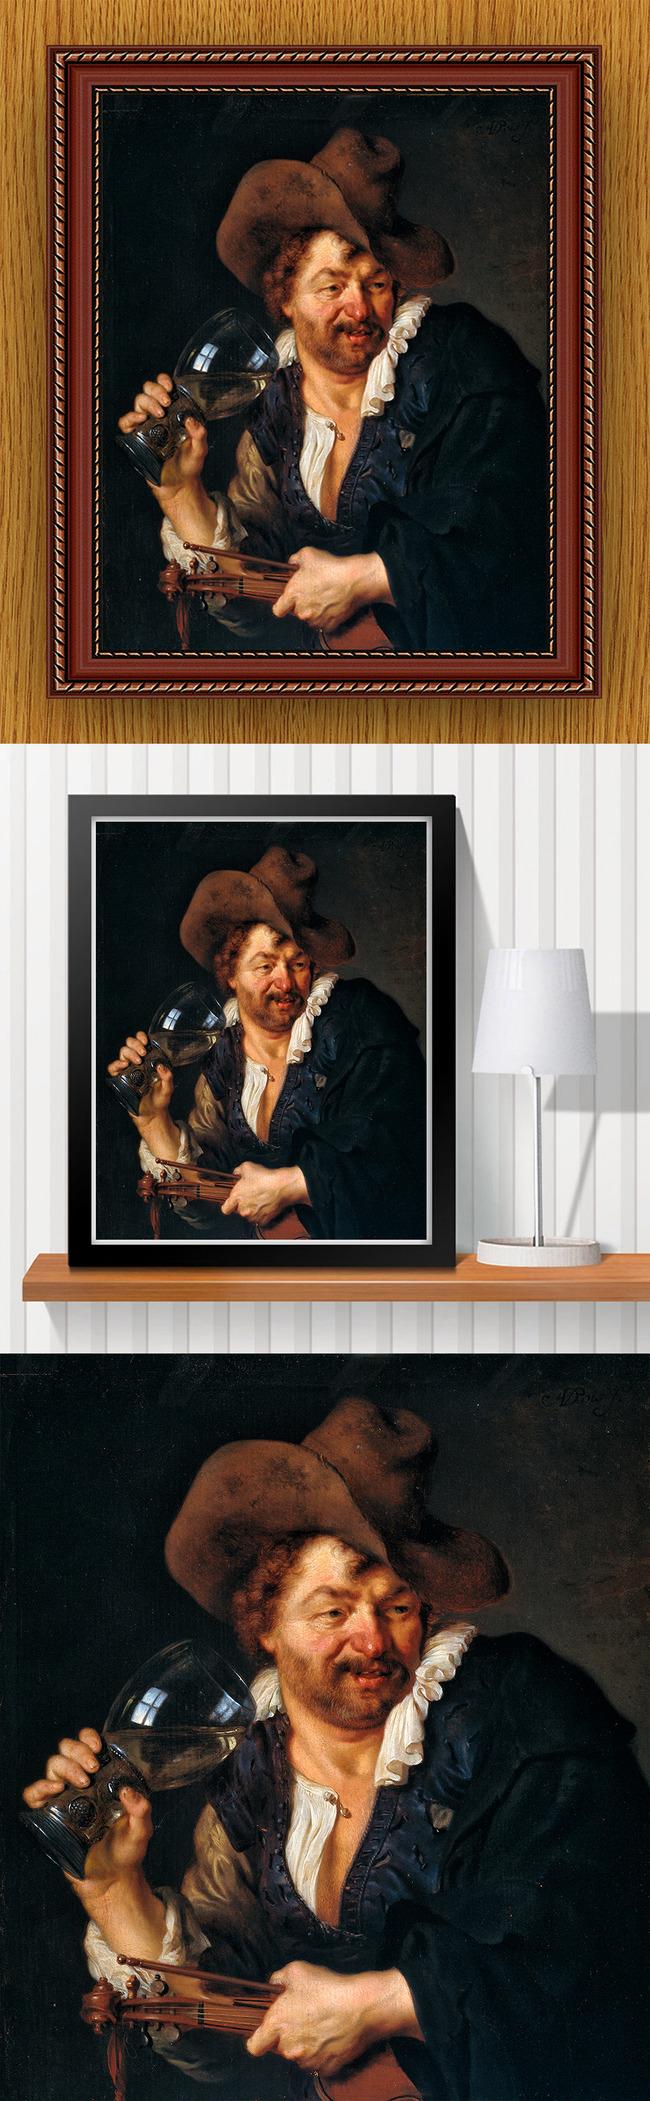 高清手绘欧式古典写实风格喝酒男子油画